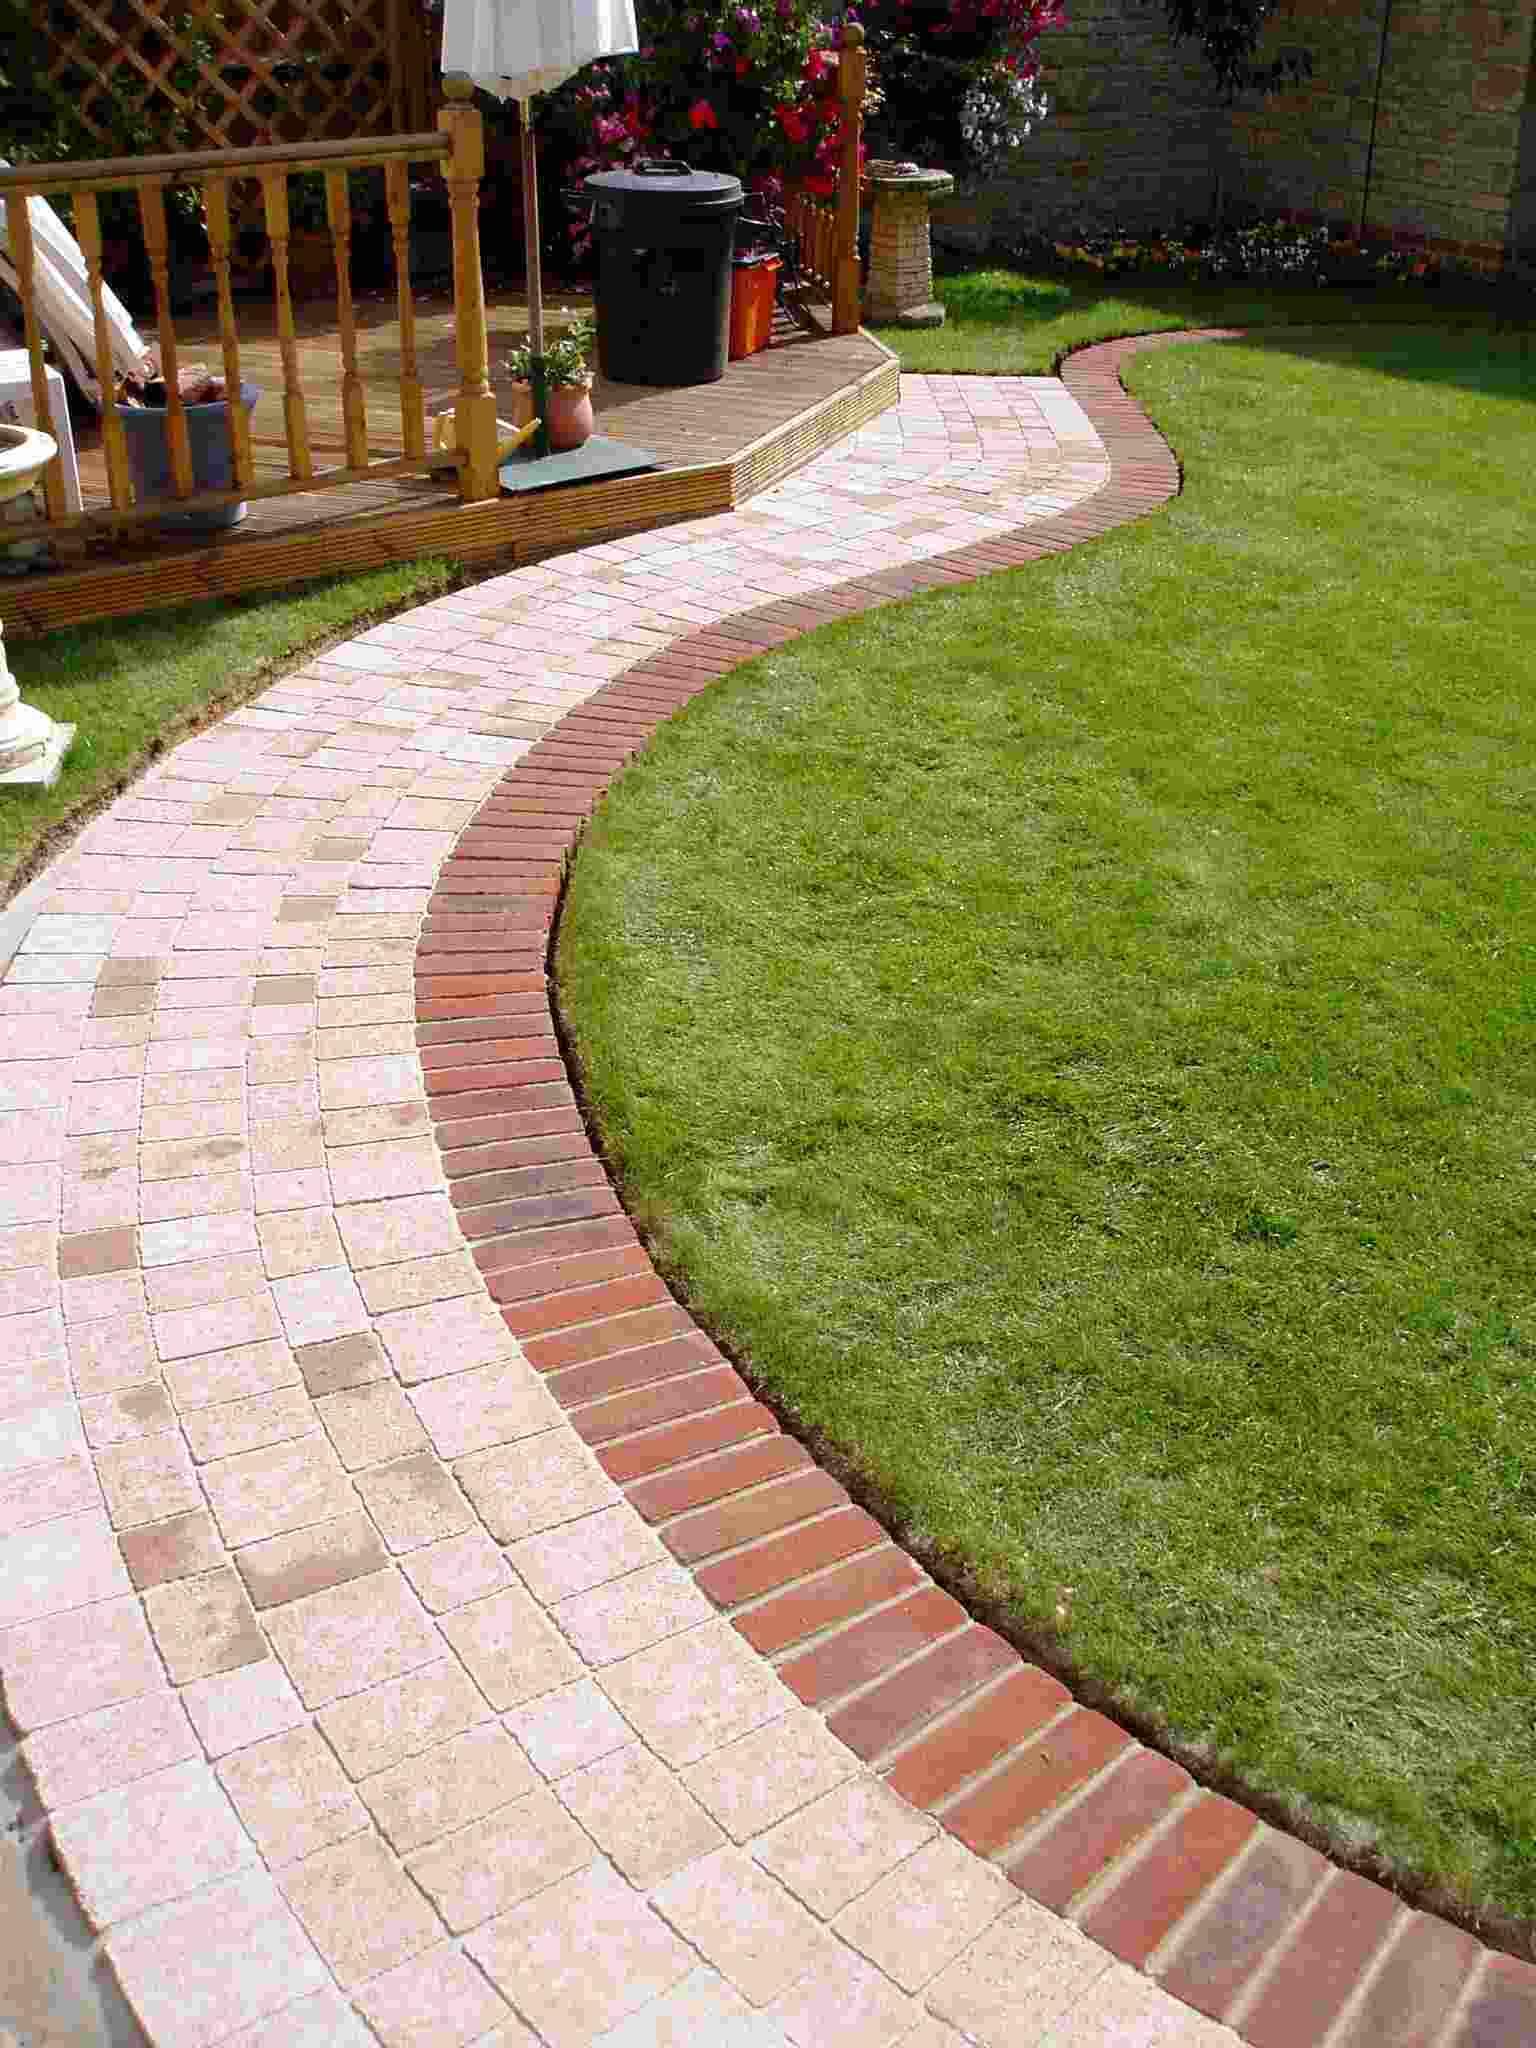 Bordure De Jardin: Préparez Vos Jardins Et Terrasses tout Bordure Courbe Jardin